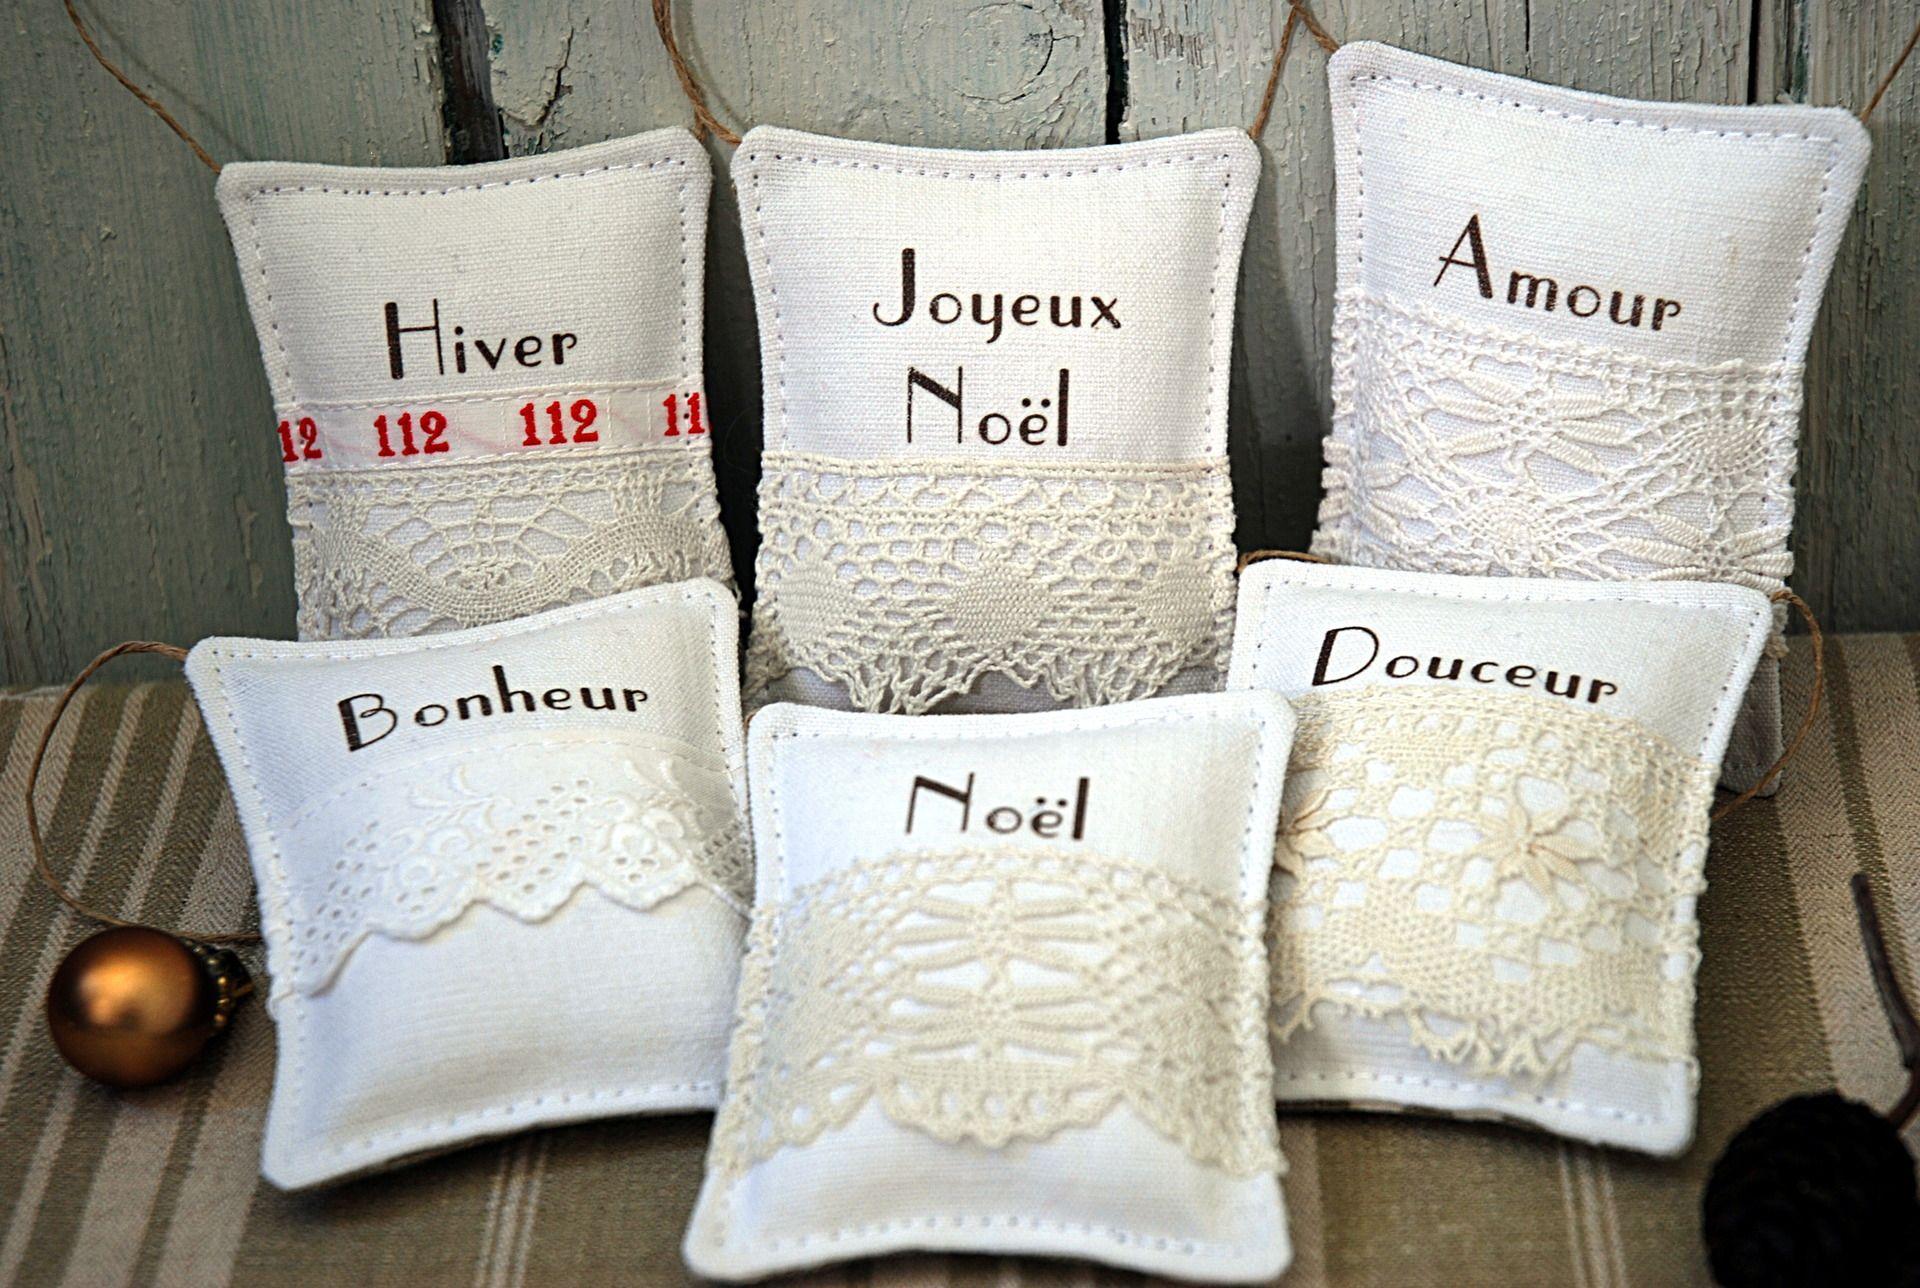 d coration no l six ornements blancs en linge ancien avec des mots no l et dentelles anciennes. Black Bedroom Furniture Sets. Home Design Ideas